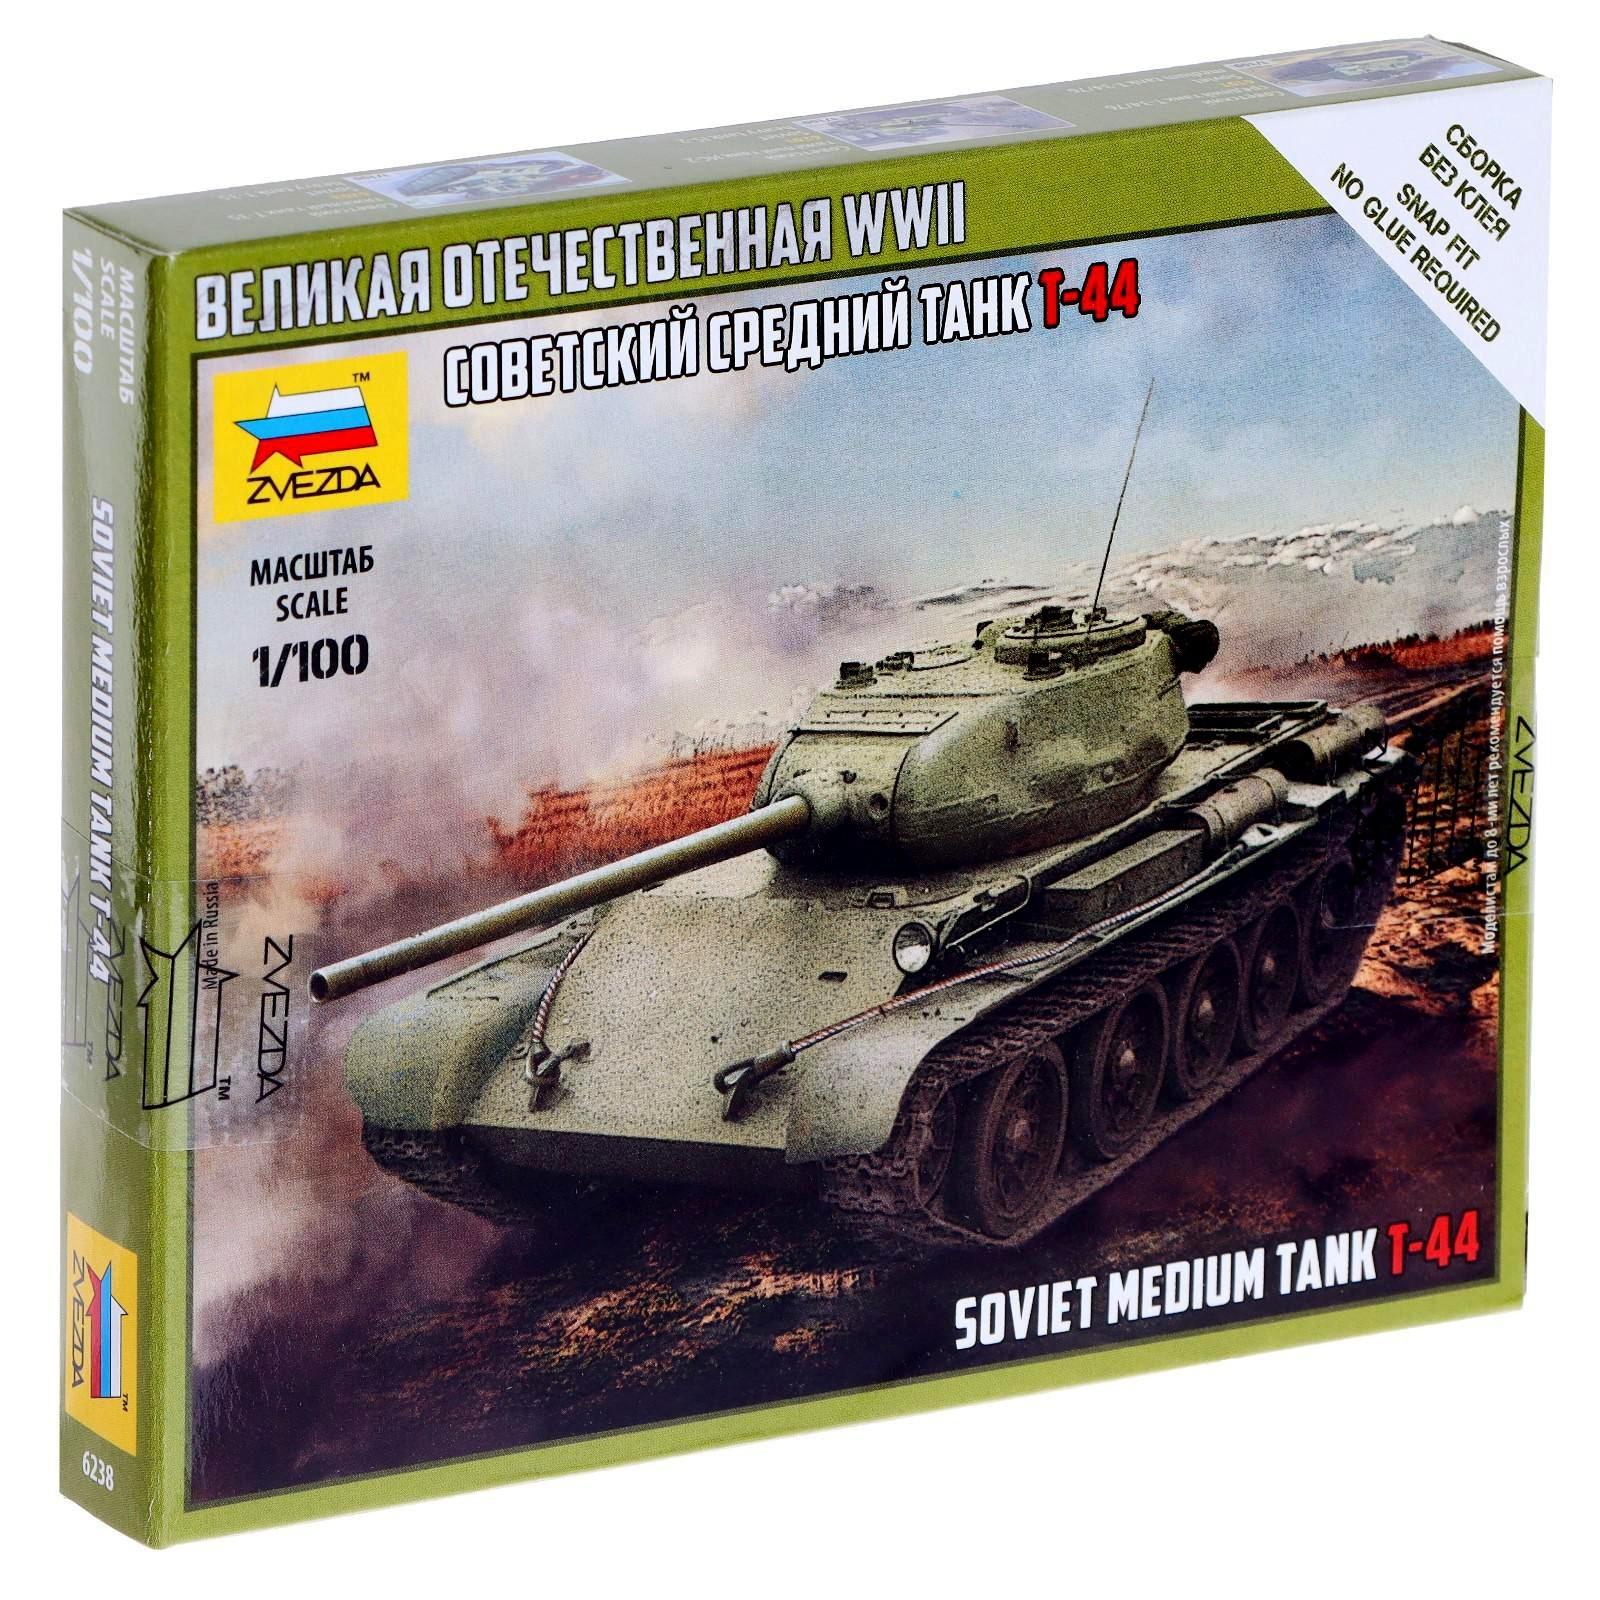 f77bd5d64 Сборная модель «Советский средний танк Т-44» (3879652) - Купить по ...